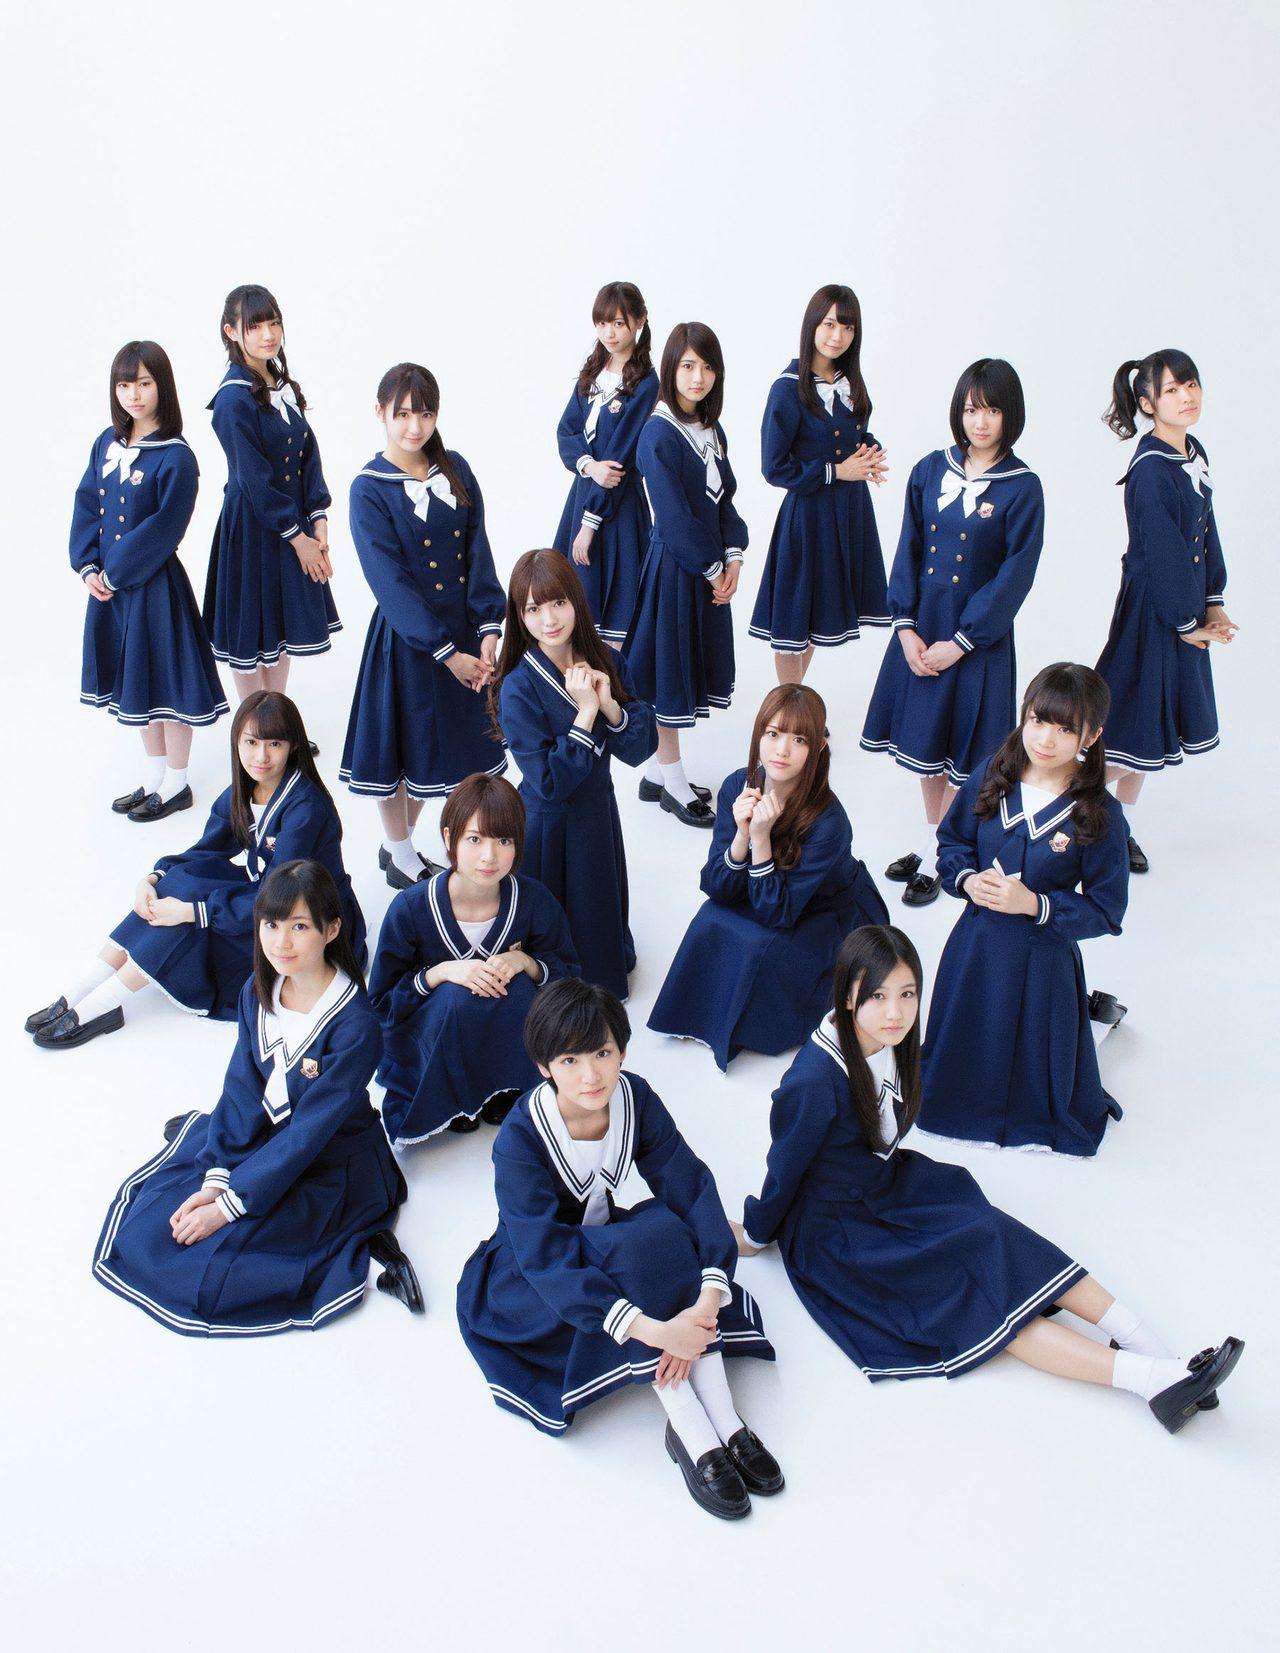 画像: 5枚目のシングル「君の名は希望」の選抜メンバー。紅白でもこの楽曲を披露する。この曲のメロディーからも、グループの「上品さ」が感じられる。 news.dwango.jp